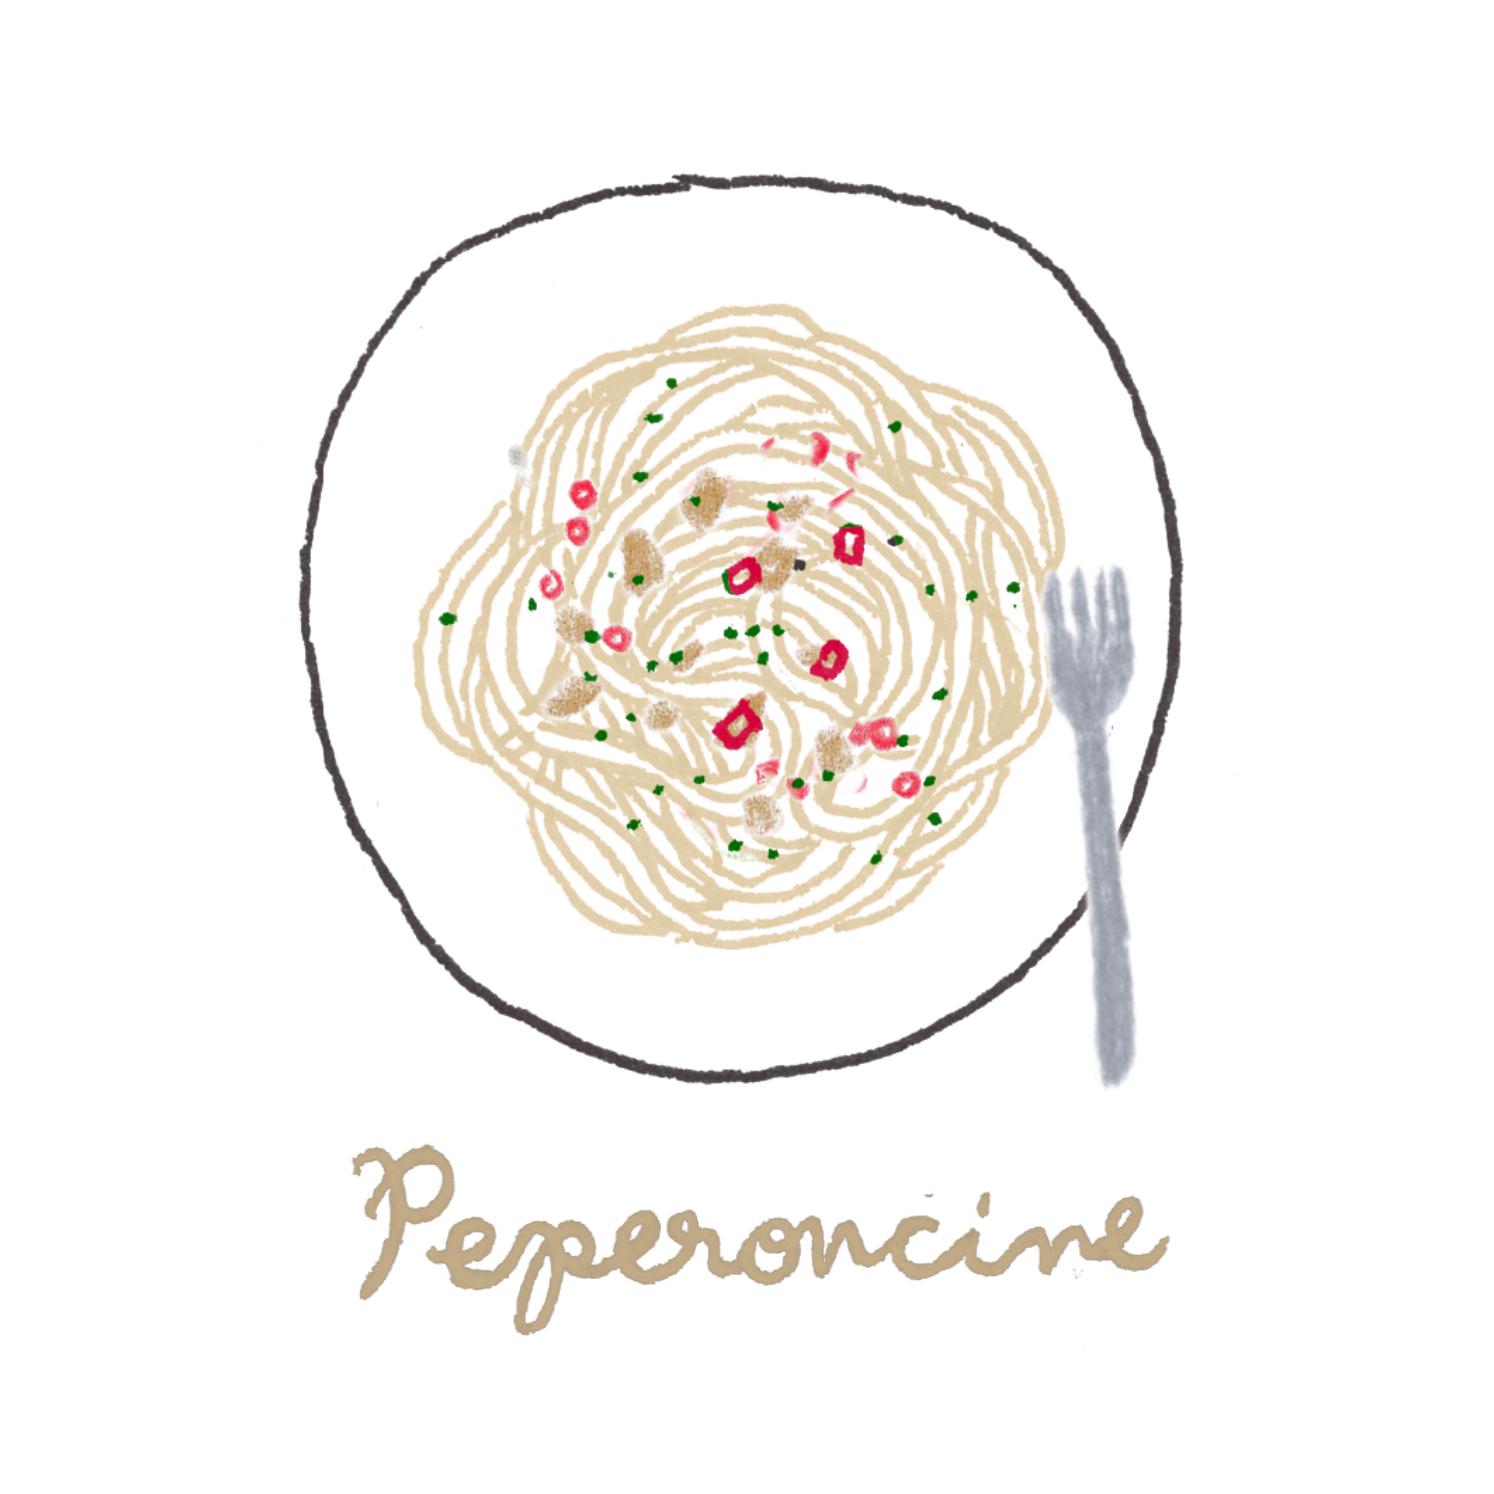 B:ペペロンチーノ